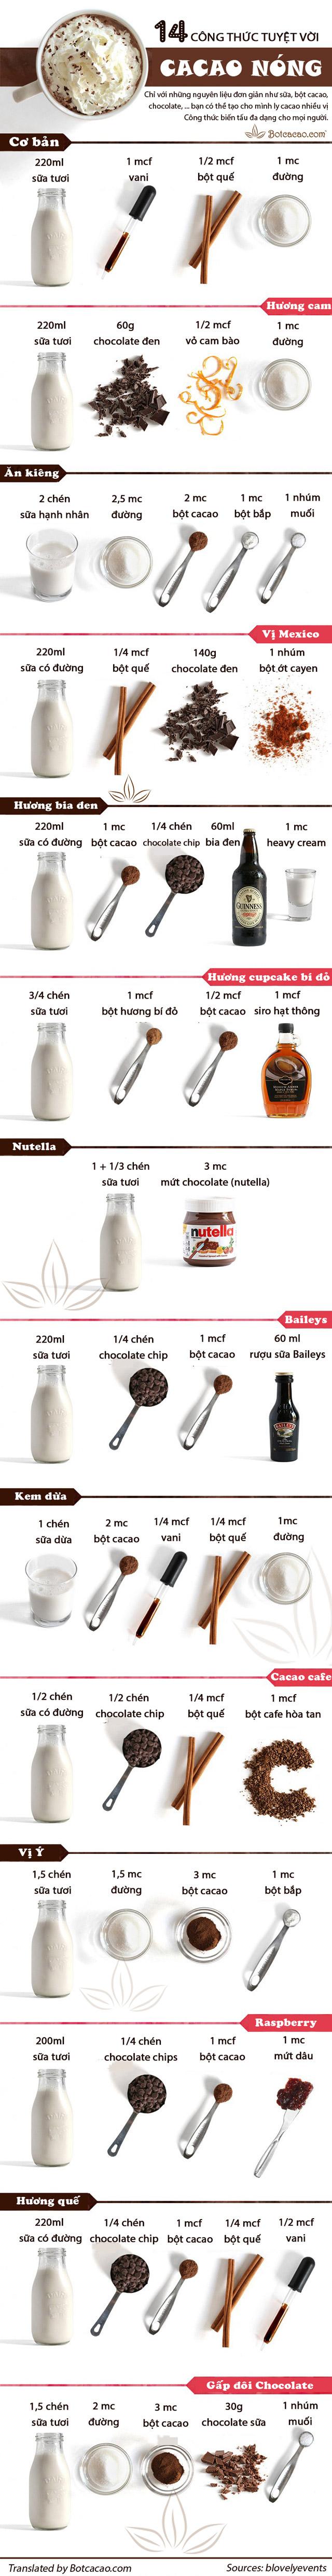 công thức pha cacao nóng